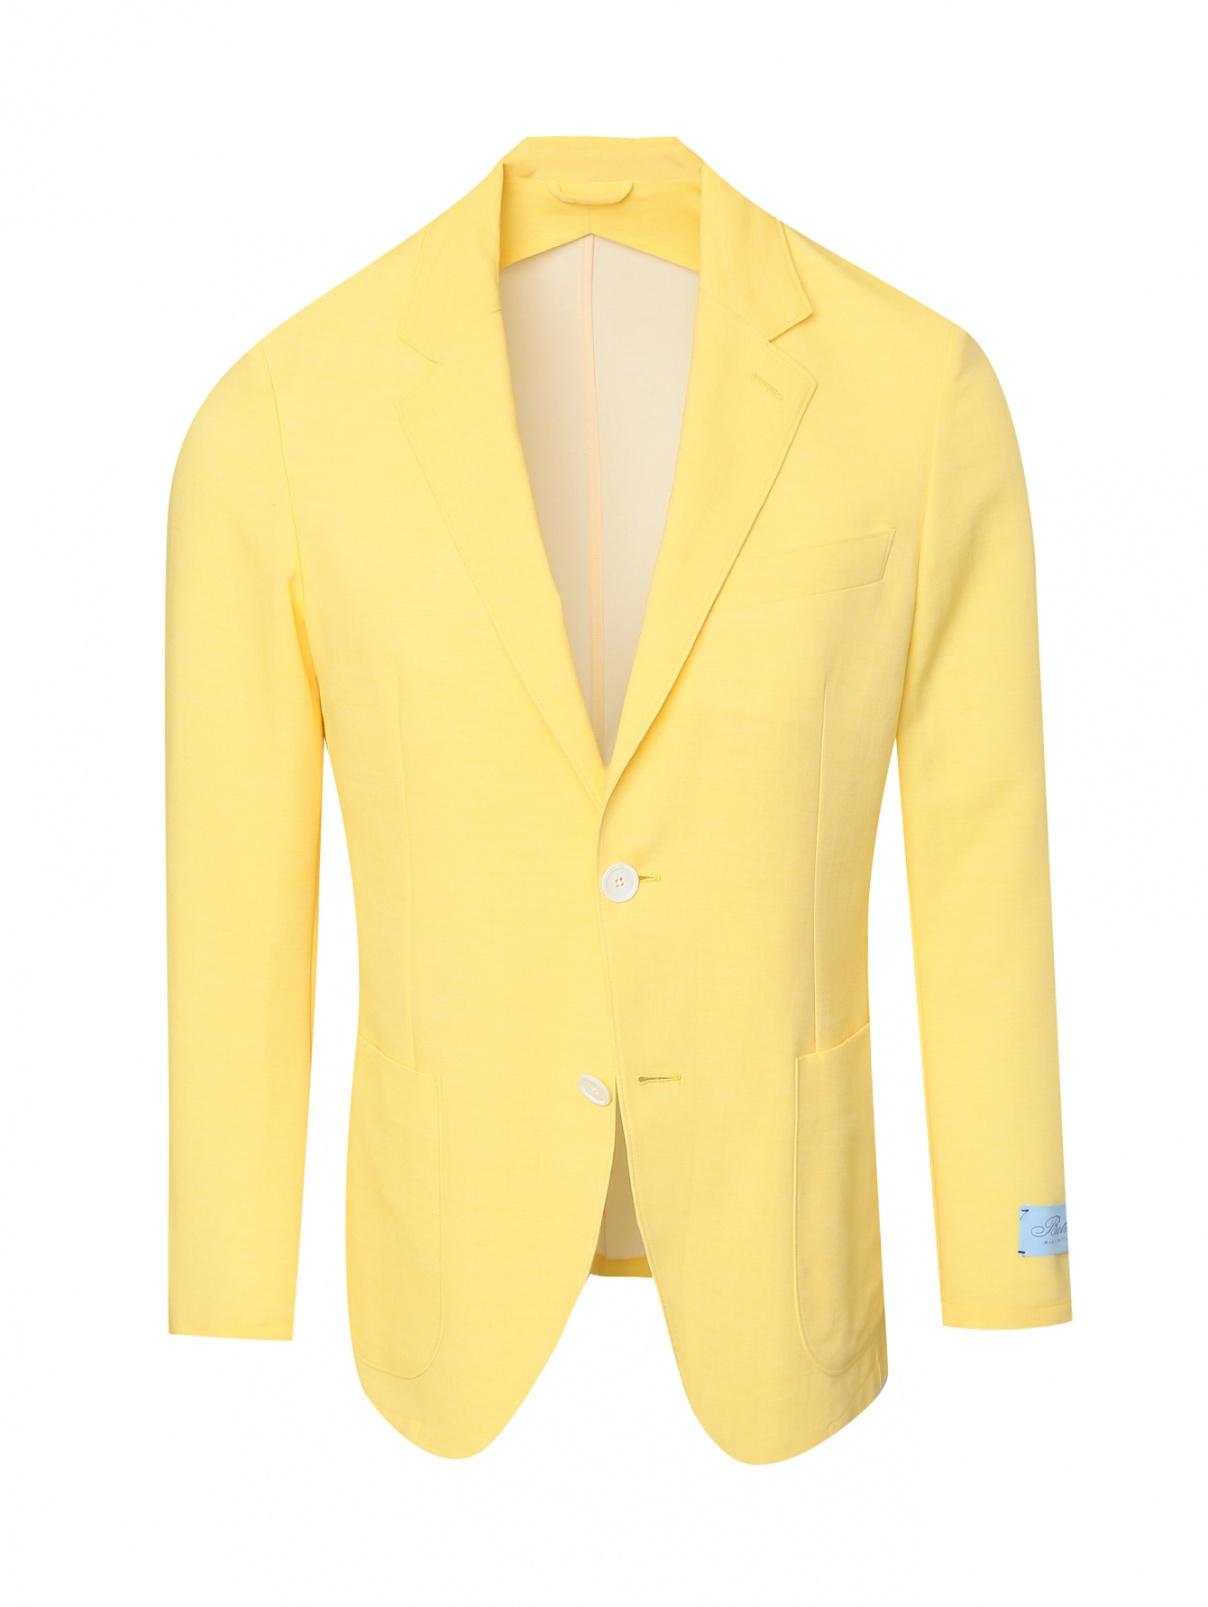 Пиджак из хлопка с накладными карманами Belvest  –  Общий вид  – Цвет:  Желтый